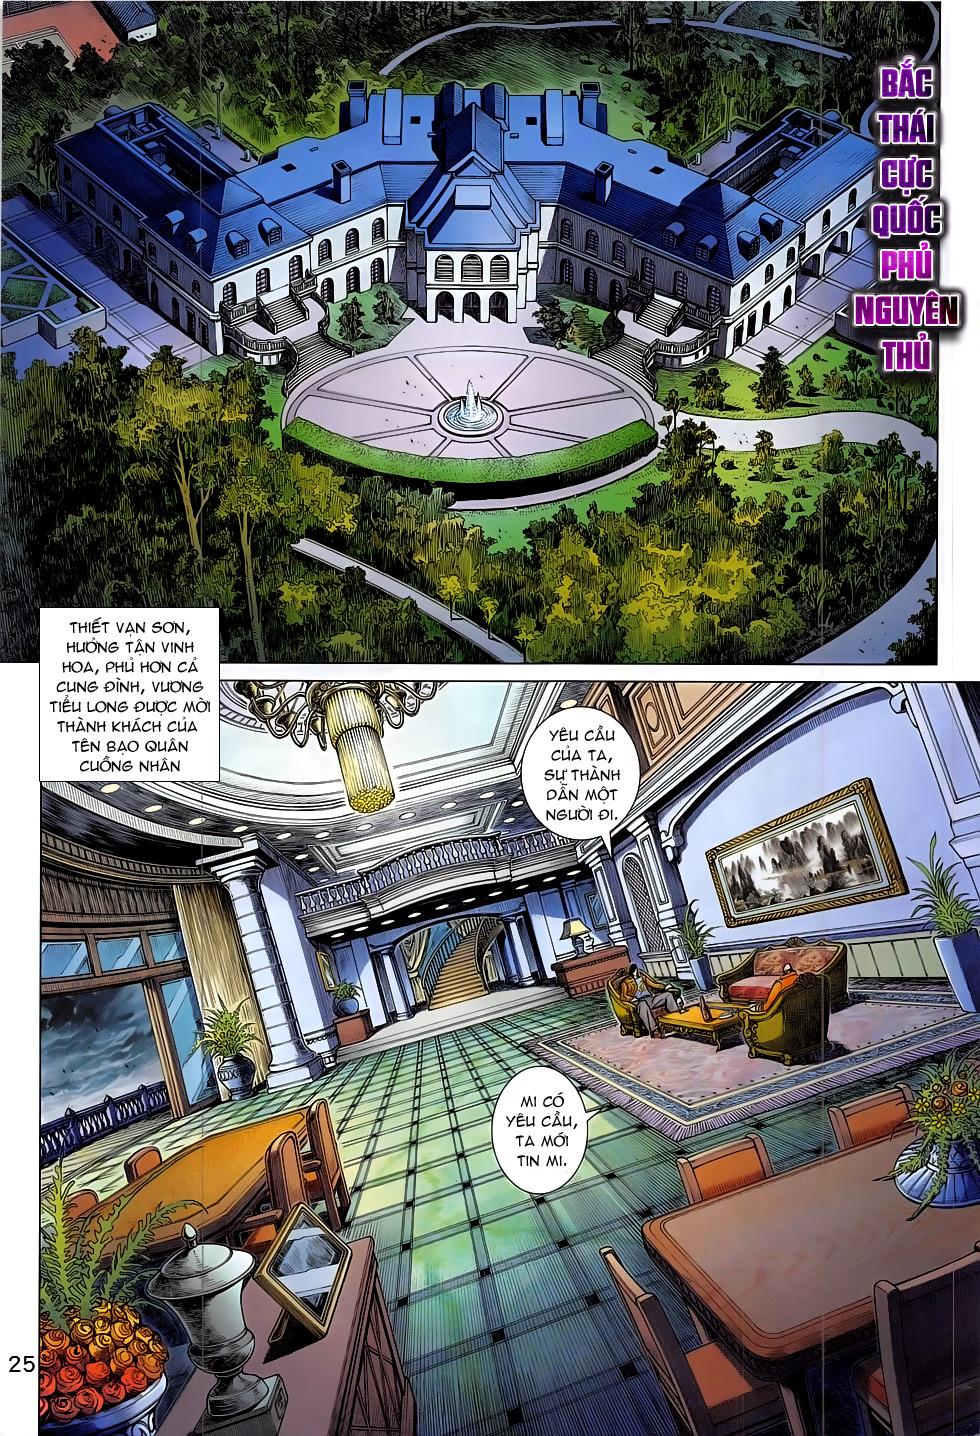 Tân Tác Long Hổ Môn chap 795 Trang 25 - Mangak.info